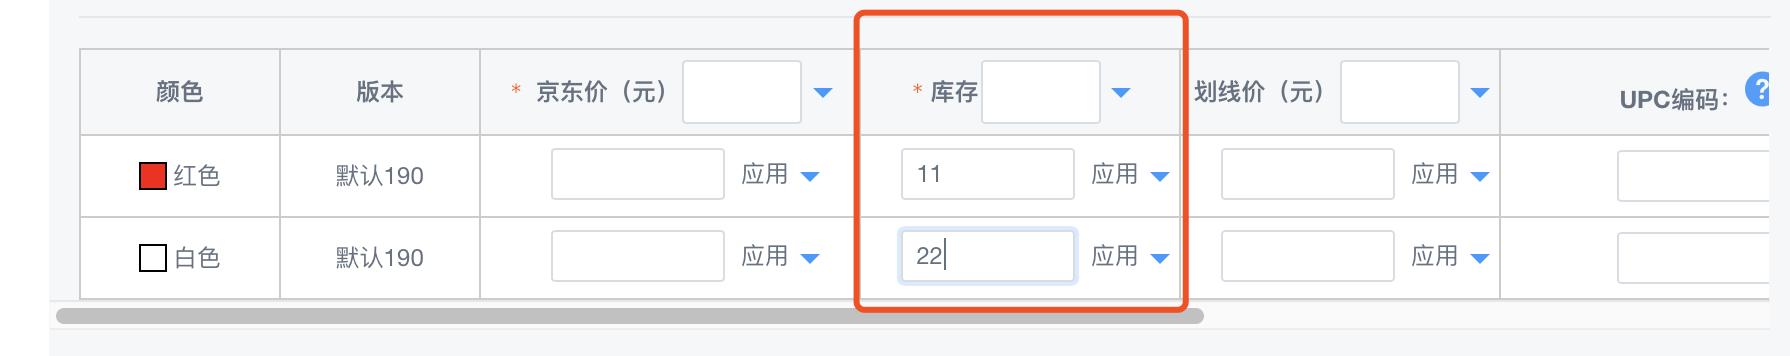 京东sop库存数量设置(非入仓)使用教程 第2张